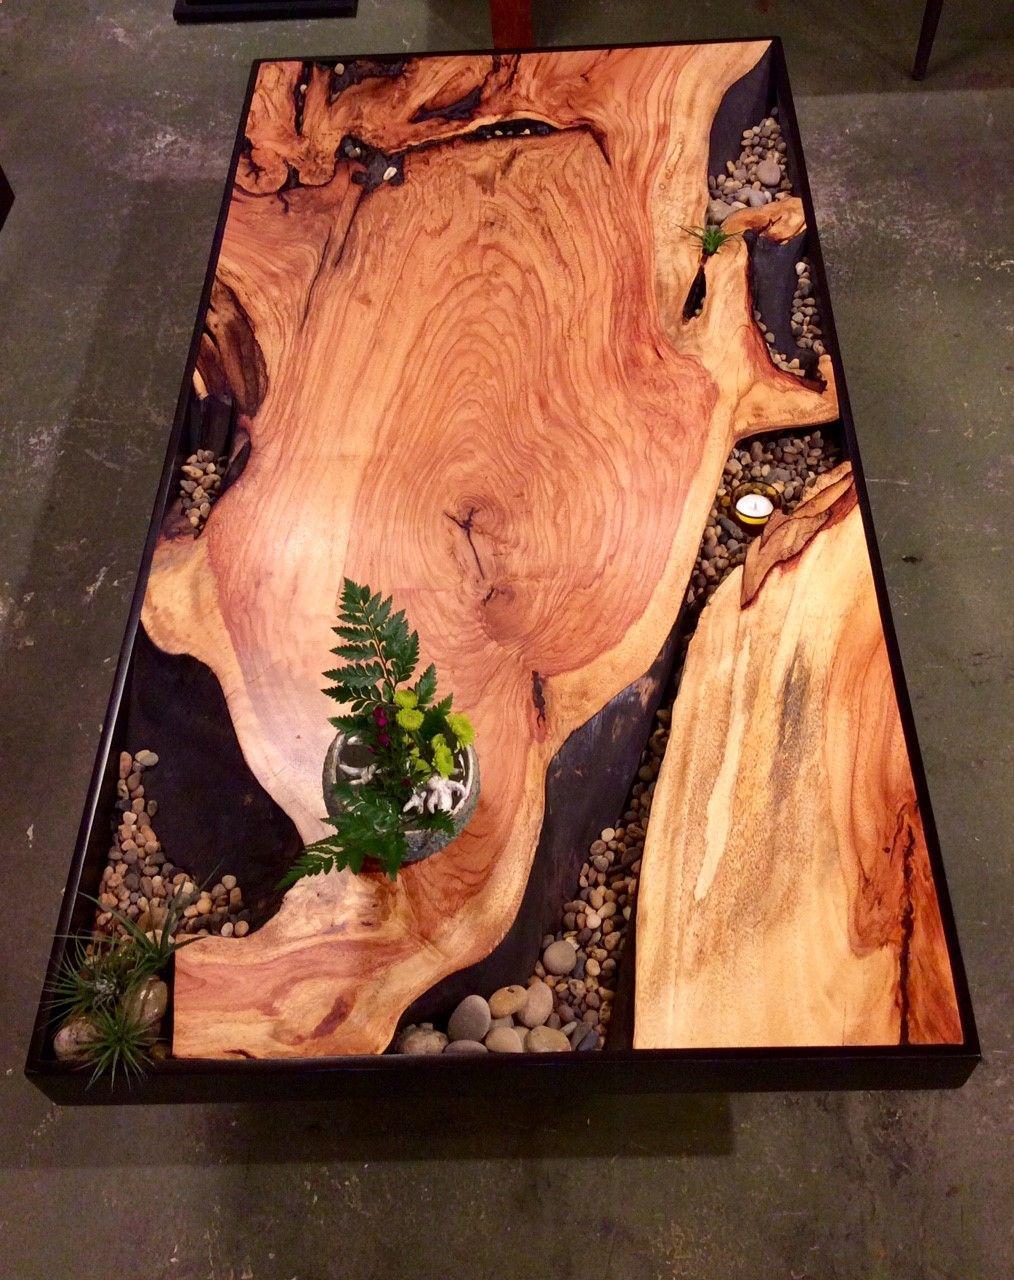 Sequoia Santa Fe Coffee Rustic Varios Madera Pinterest  # Muebles Sequoia